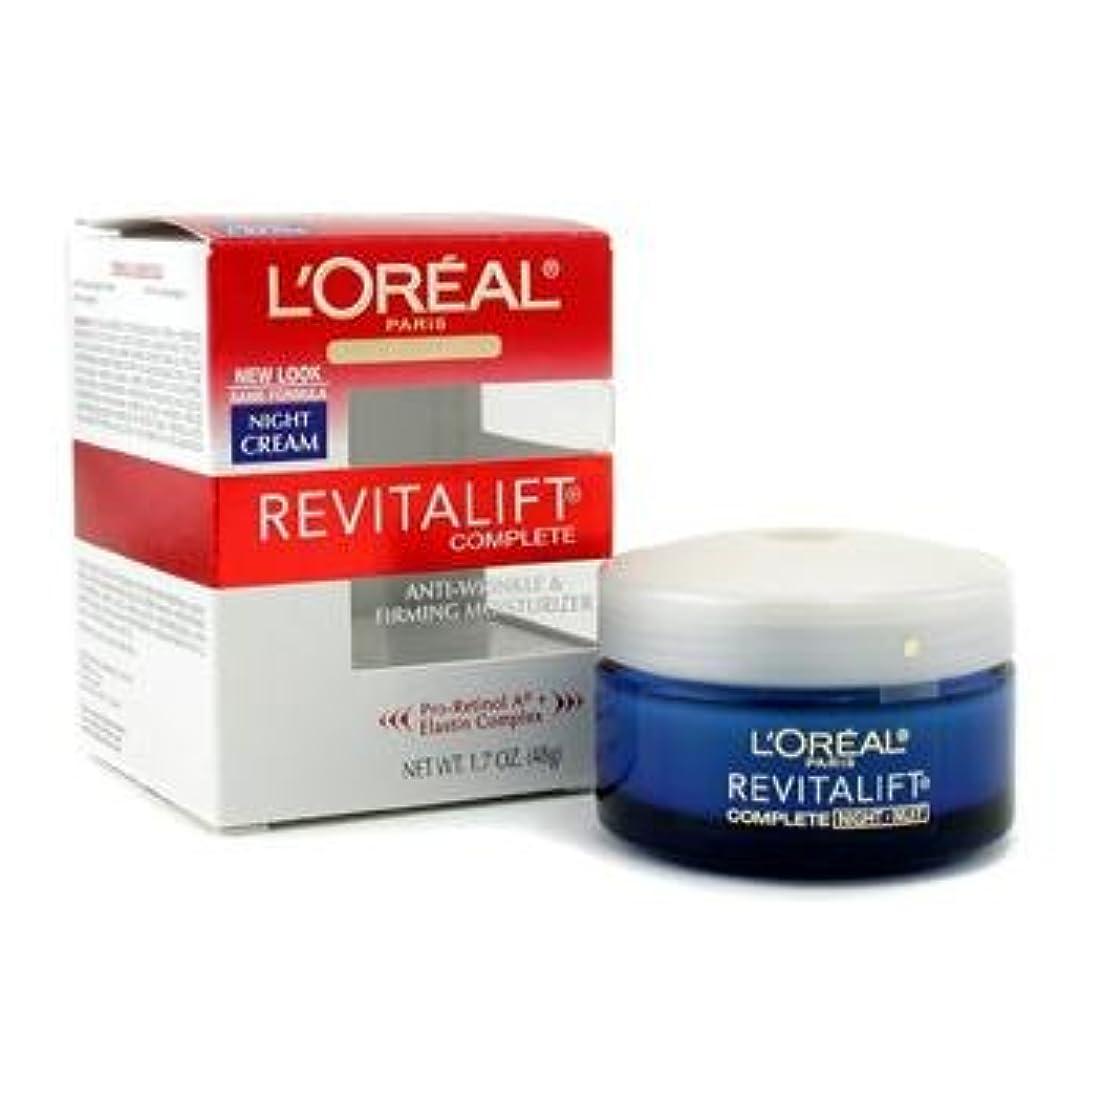 プレフィックス好みライバル[LOreal] Skin Expertise RevitaLift Complete Night Cream 48g/1.7oz